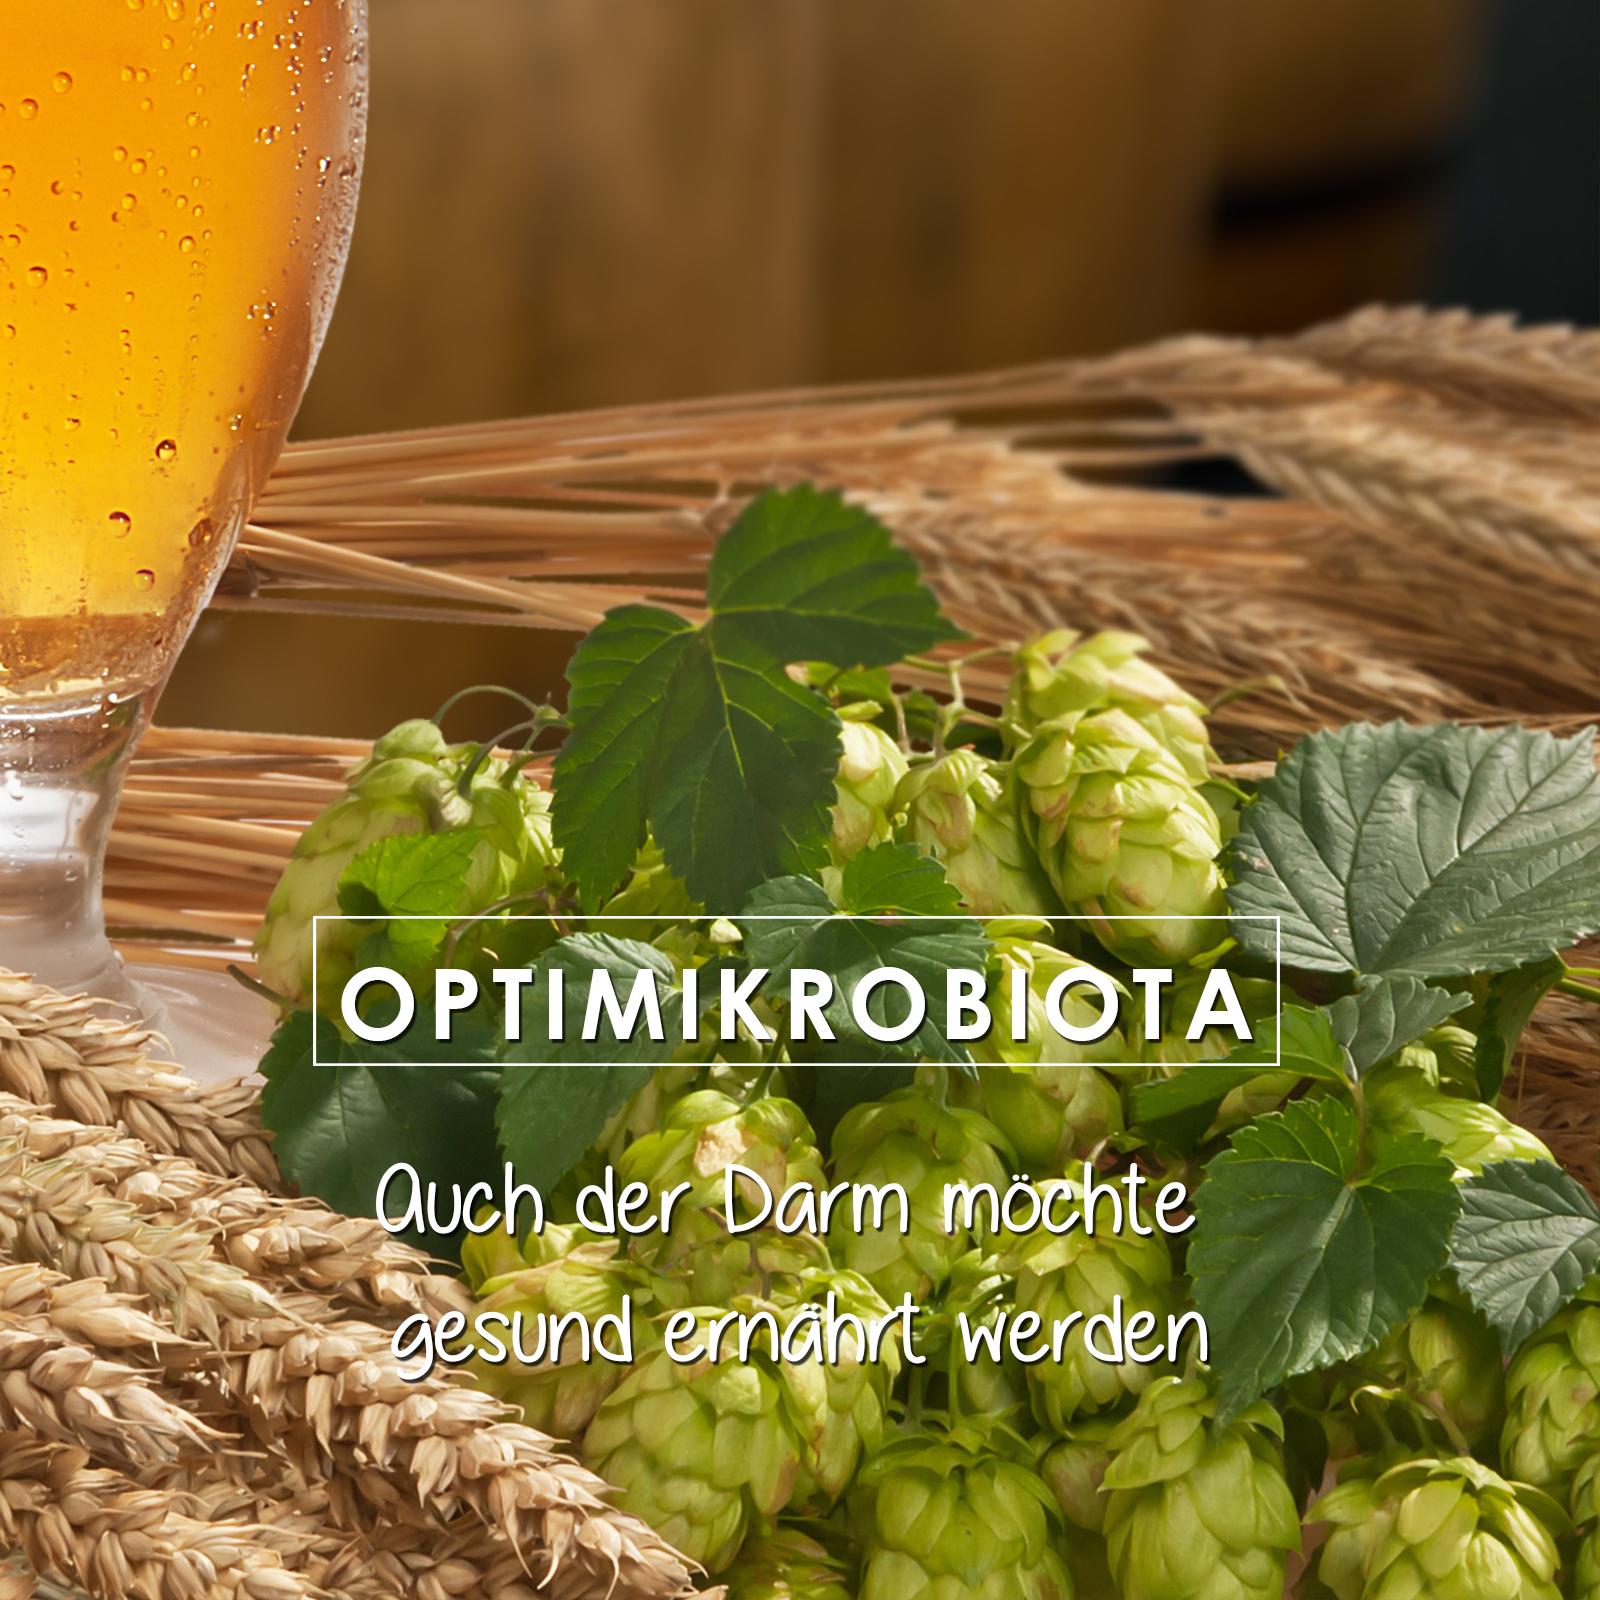 OptiMikrobiota - Bierhefe in Pelletform für eine aktive Verdauung